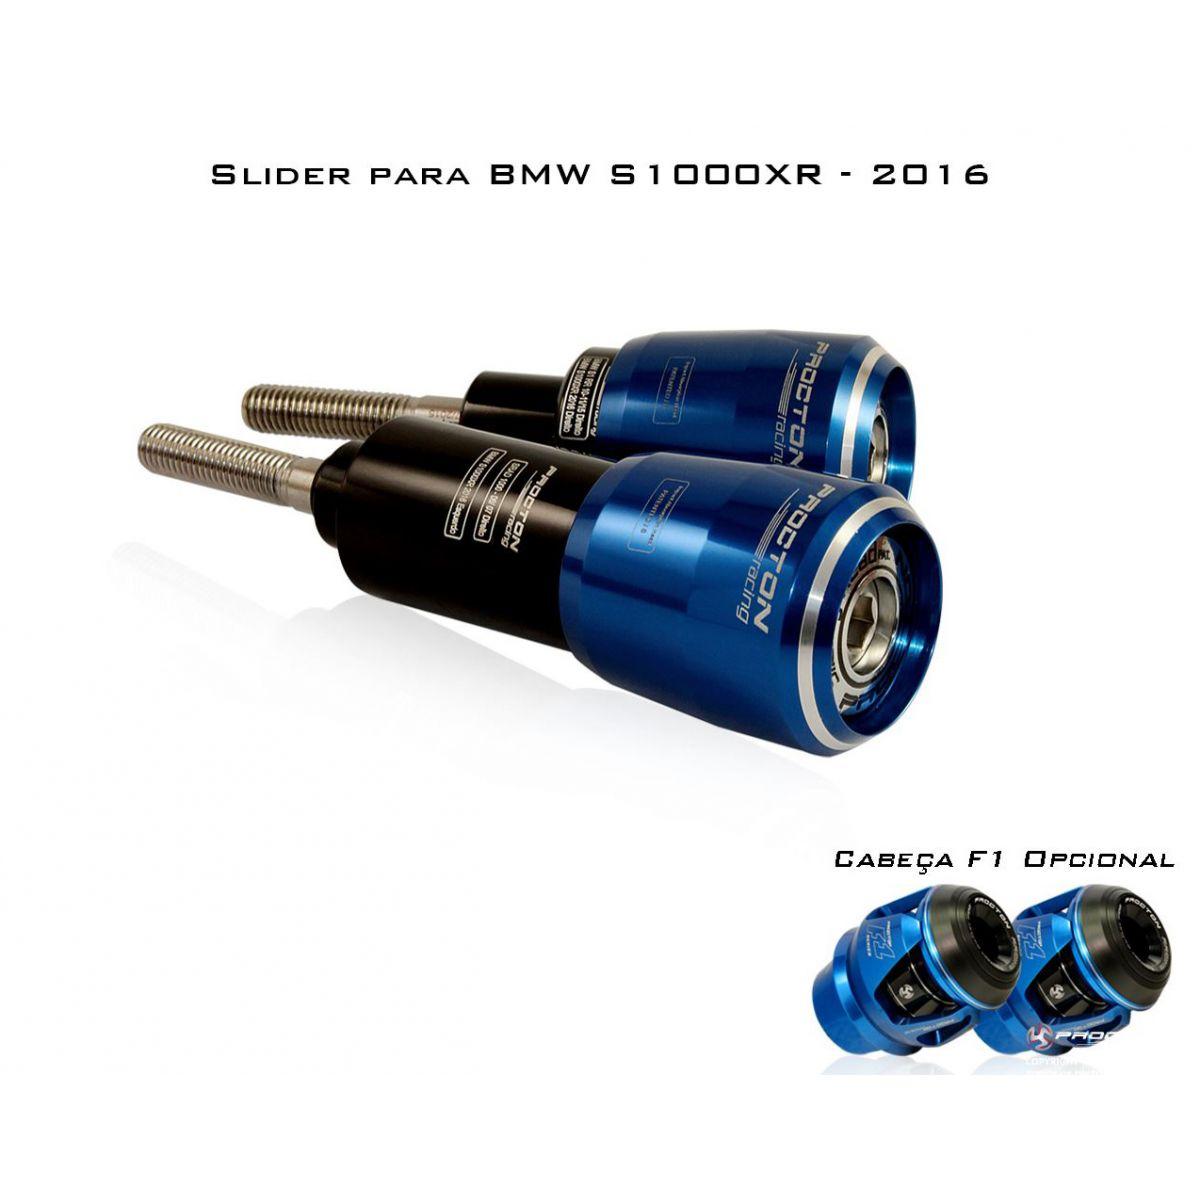 Slider Dianteiro Procton com Amortecimento p/ BMW S1000XR (15/17) - (ROLETADO)  - Nova Suzuki Motos e Acessórios